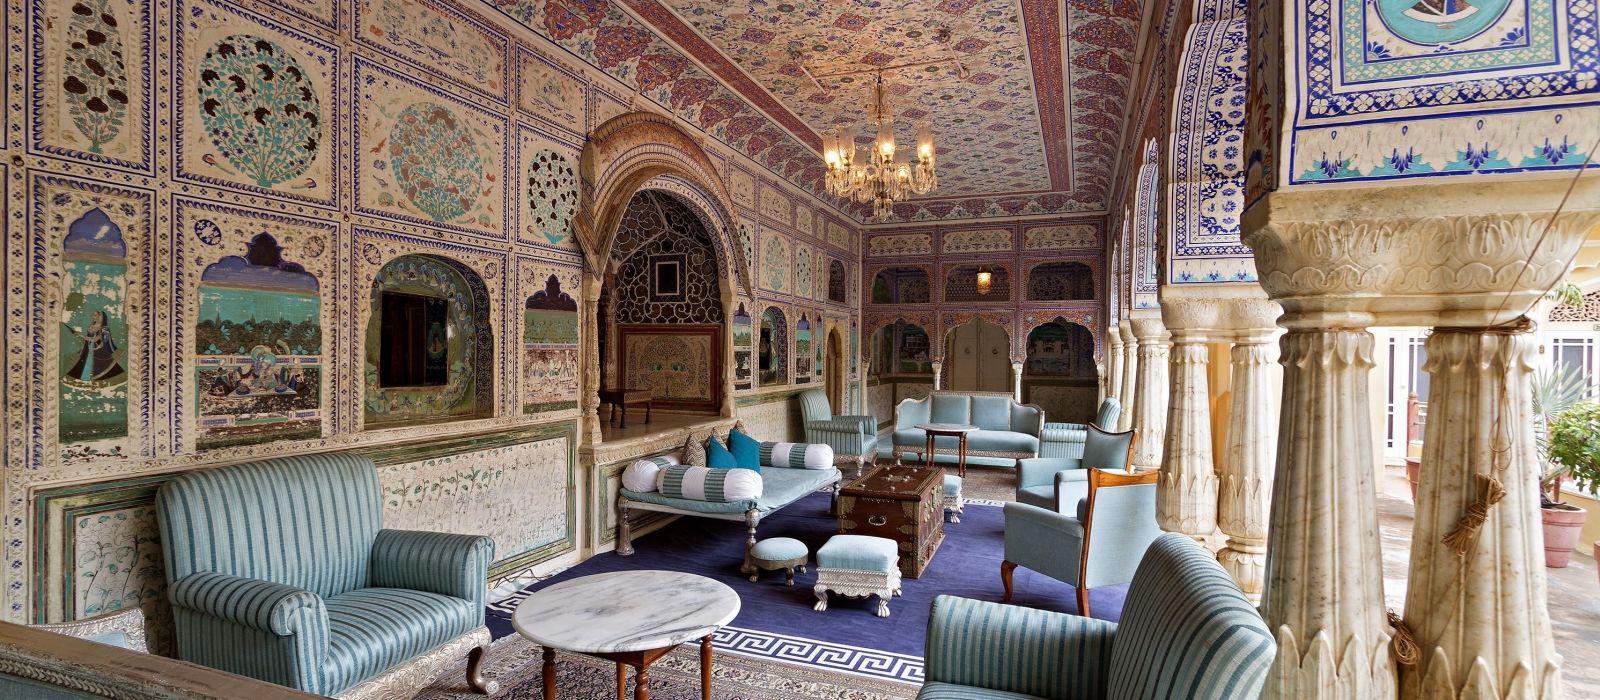 Hotel Samode Palace North India